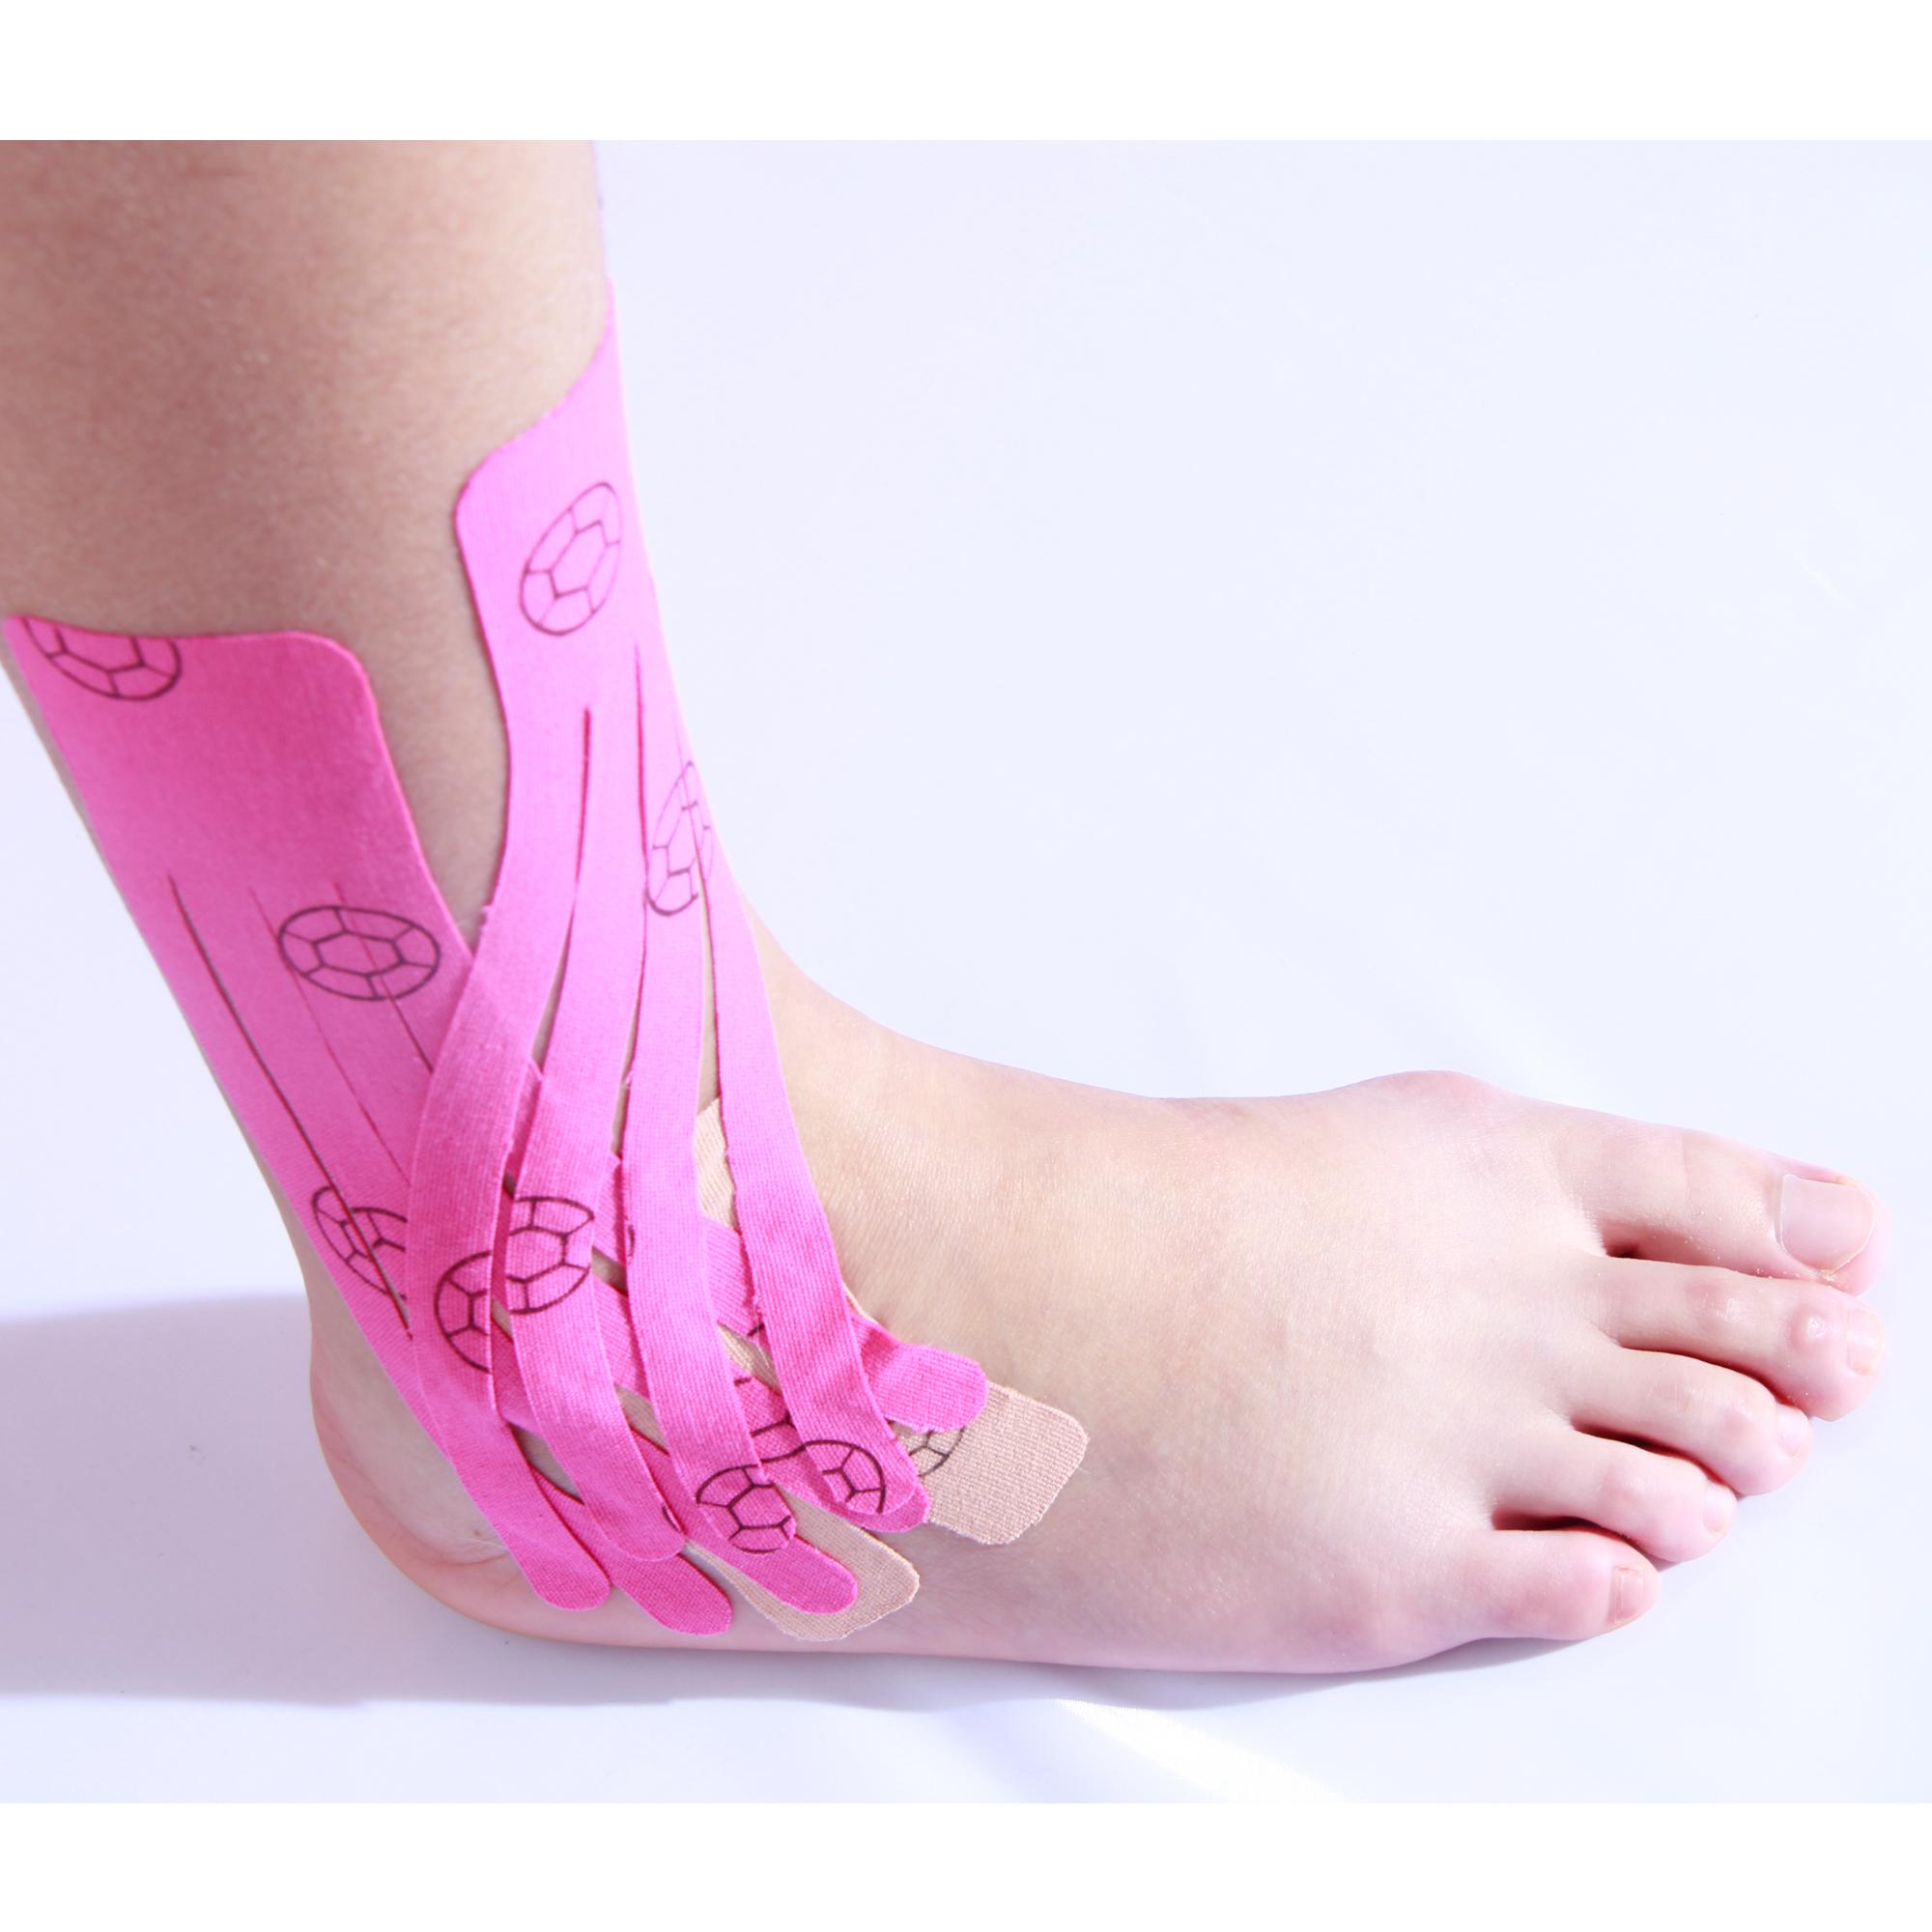 Товары для здоровья, высокоэластичная и водонепроницаемая кинезиологическая лента для поддержки голеностопа